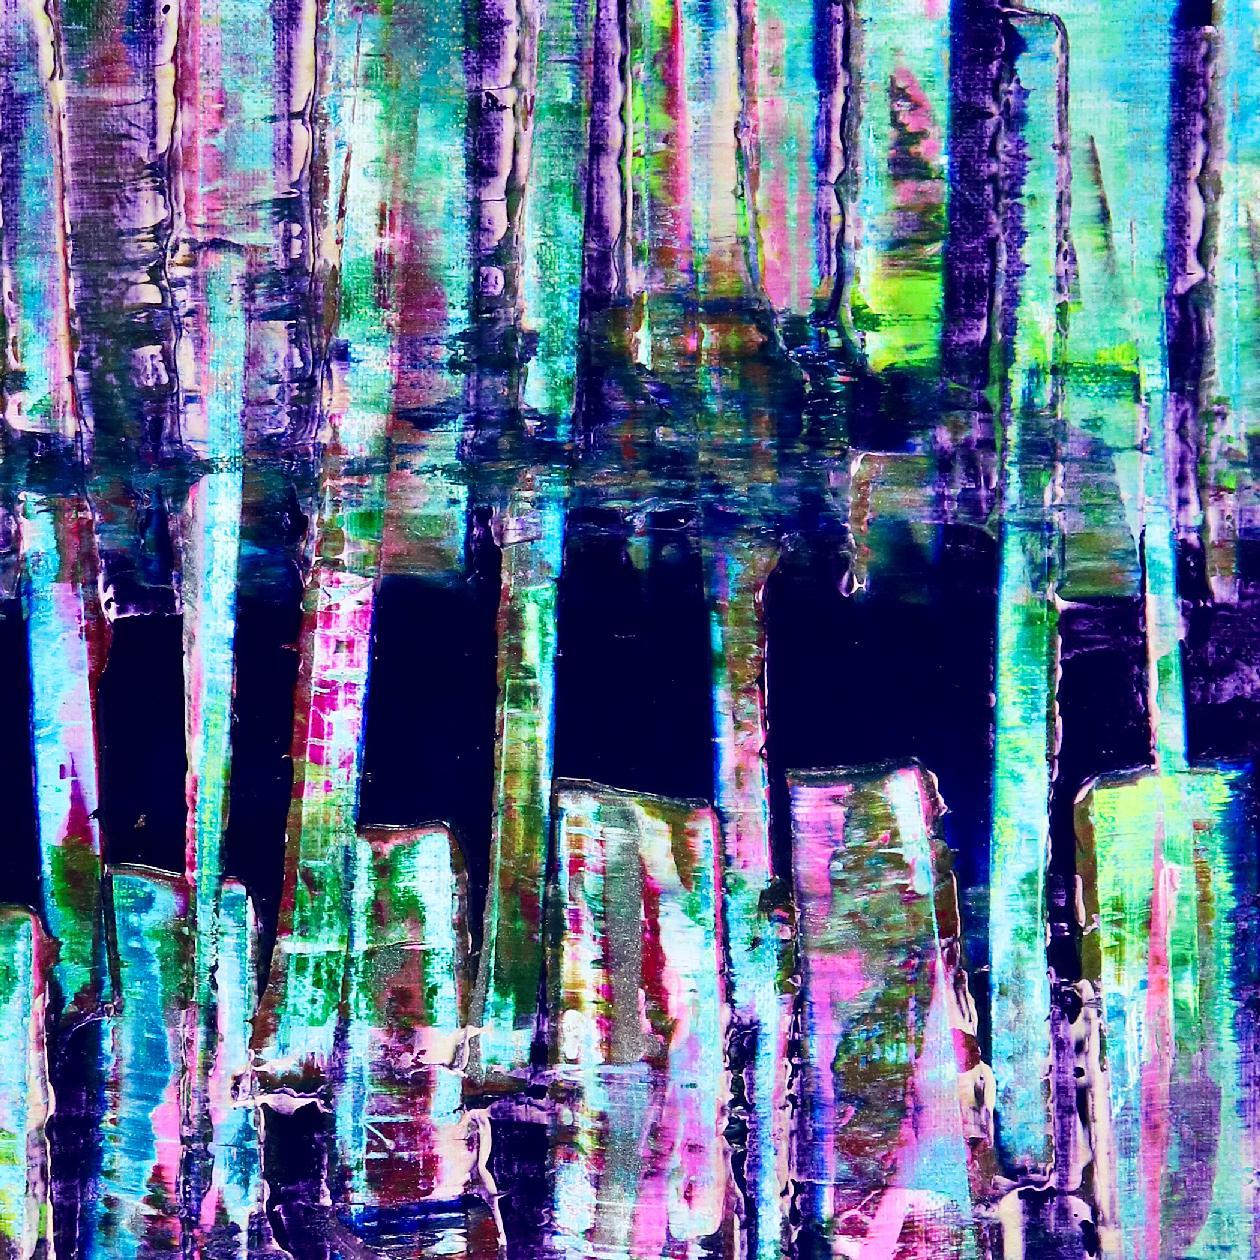 Iridescent Panorama (Blue Shapes) (2020) by Nestor Toro